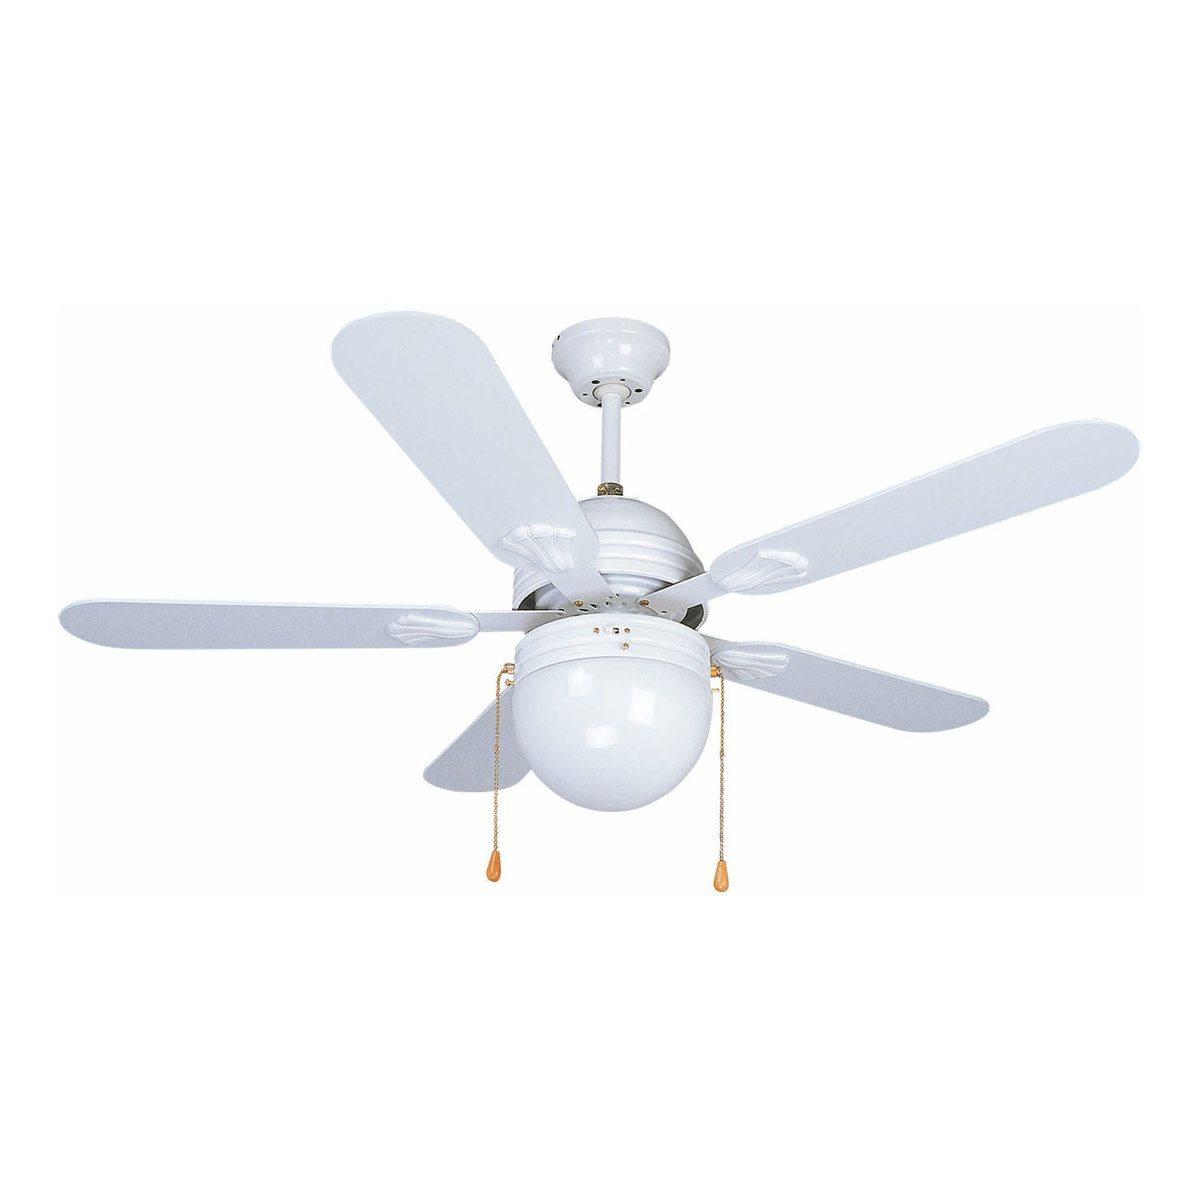 C mo elegir un ventilador de techo ventiladorestecho - Ventiladores de techo de diseno ...